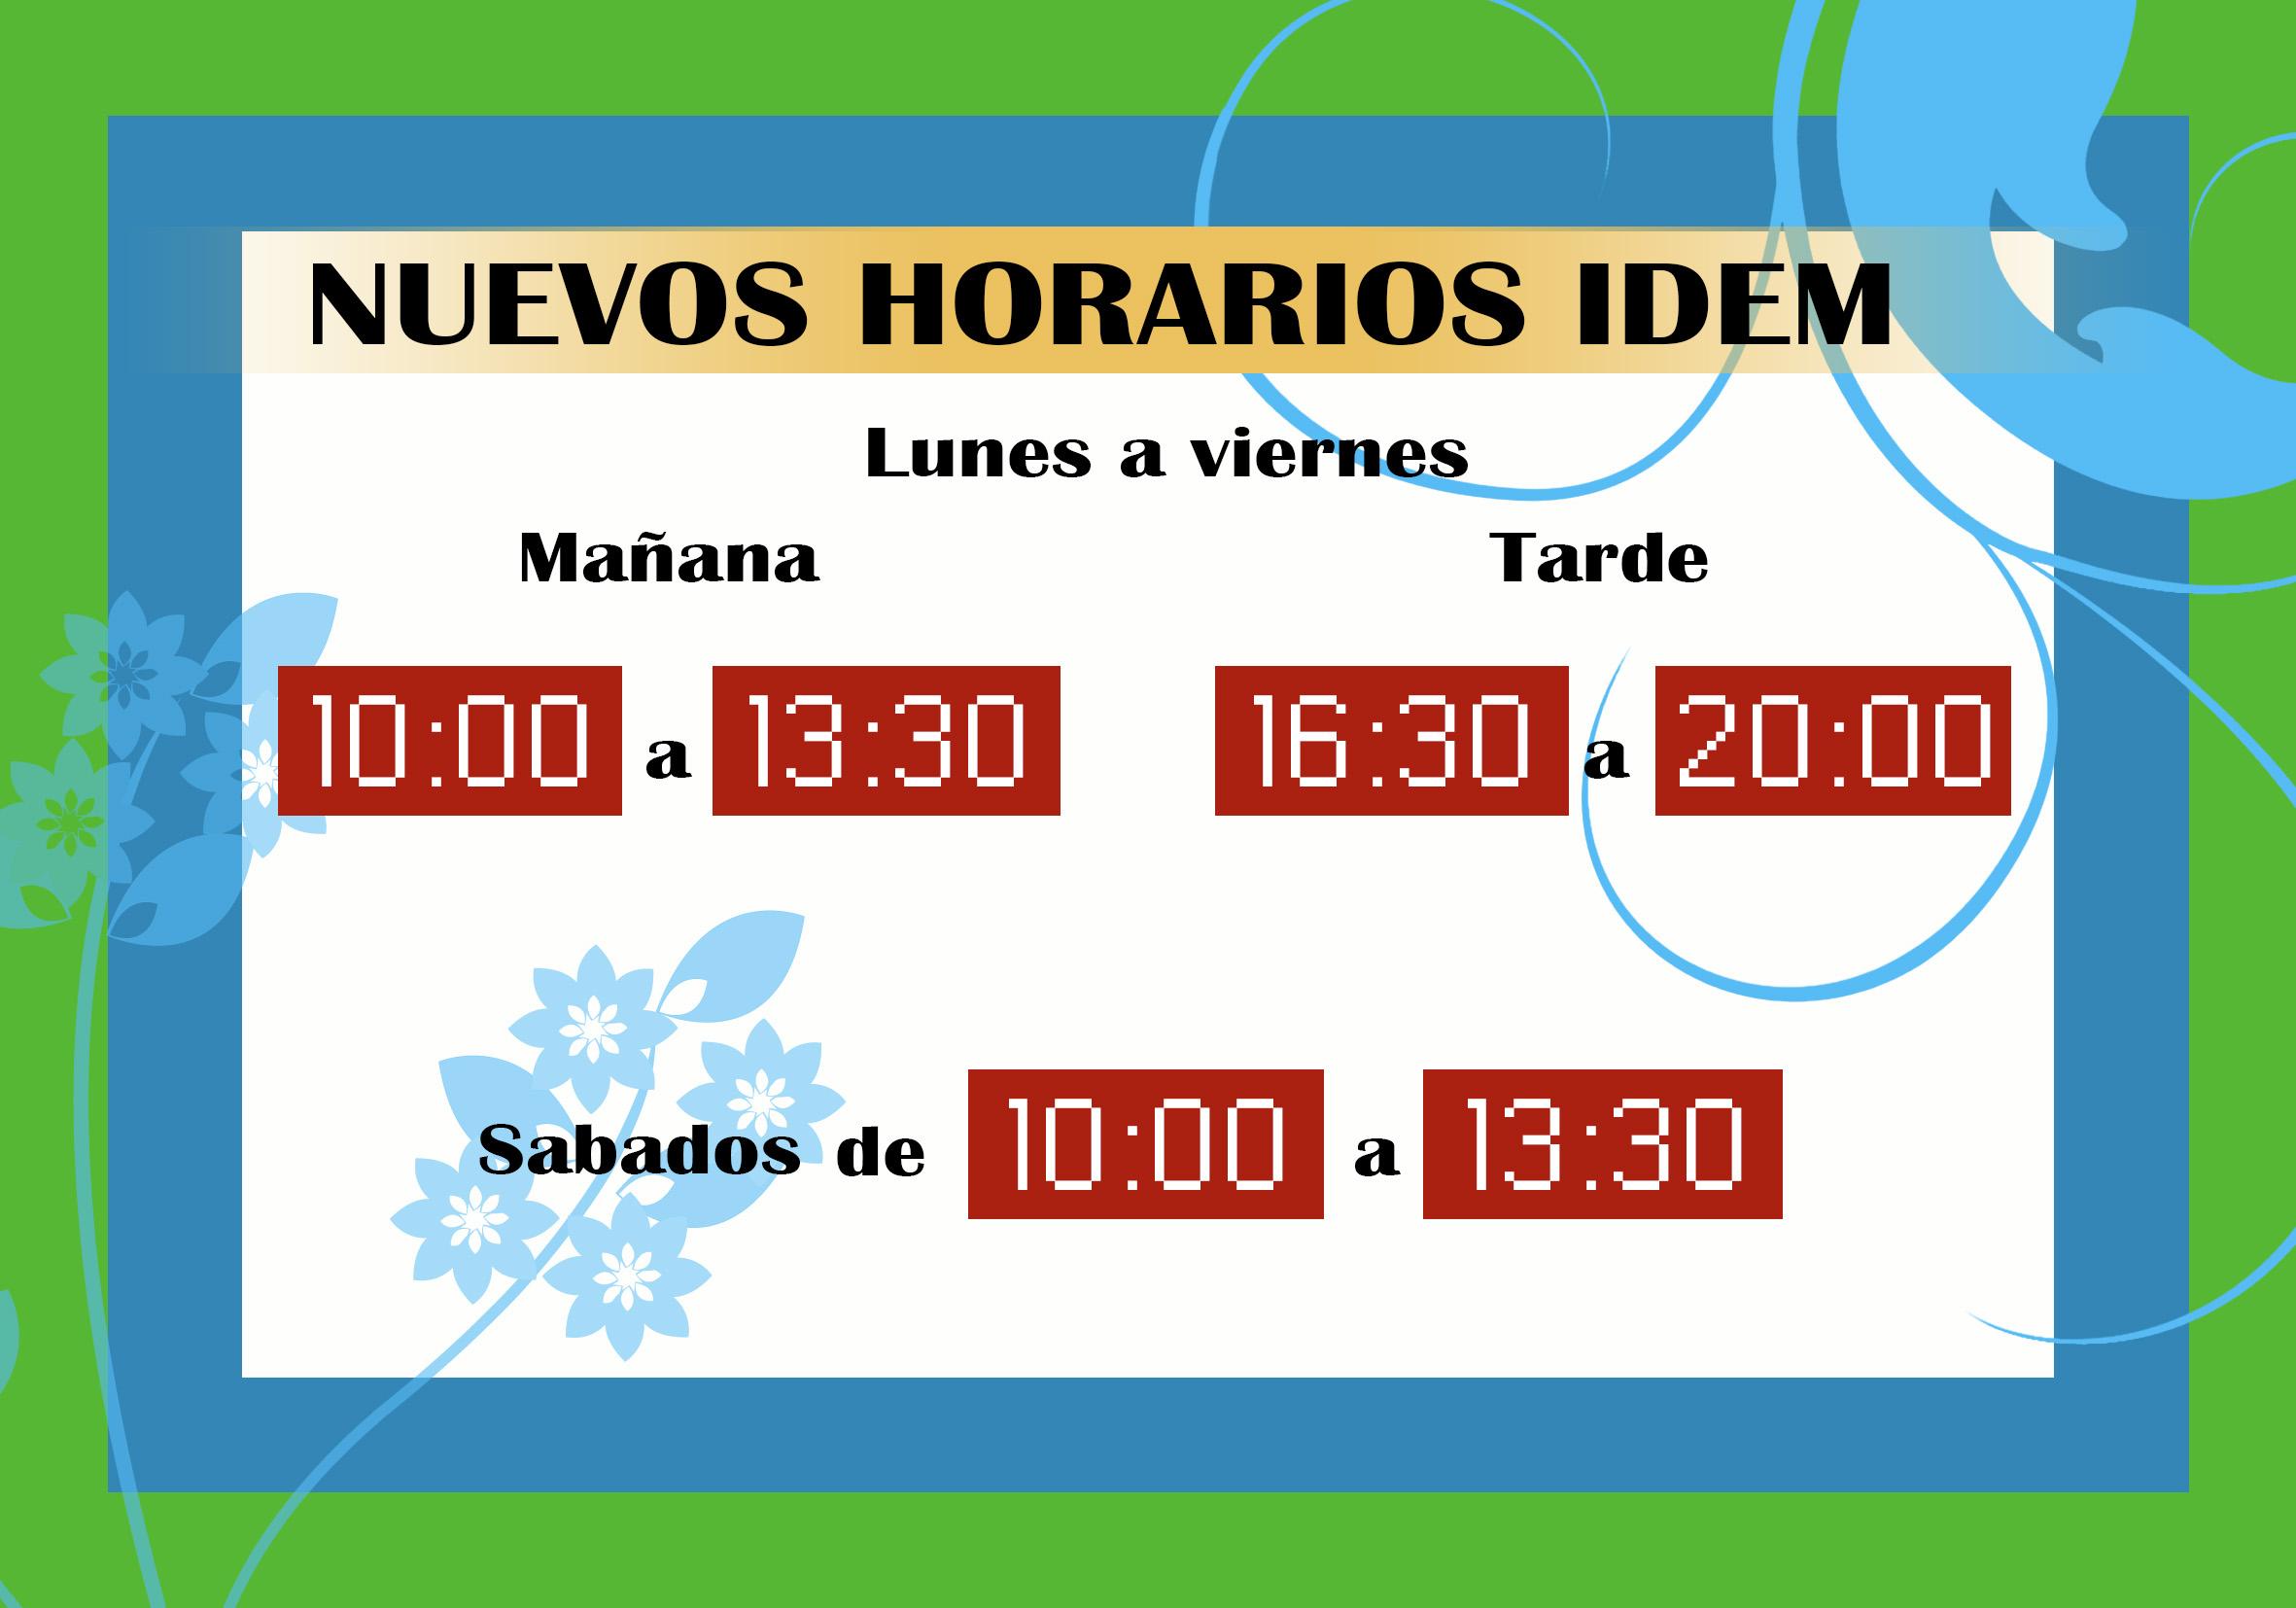 Horarios idem barakaldo for Hora de apertura castorama